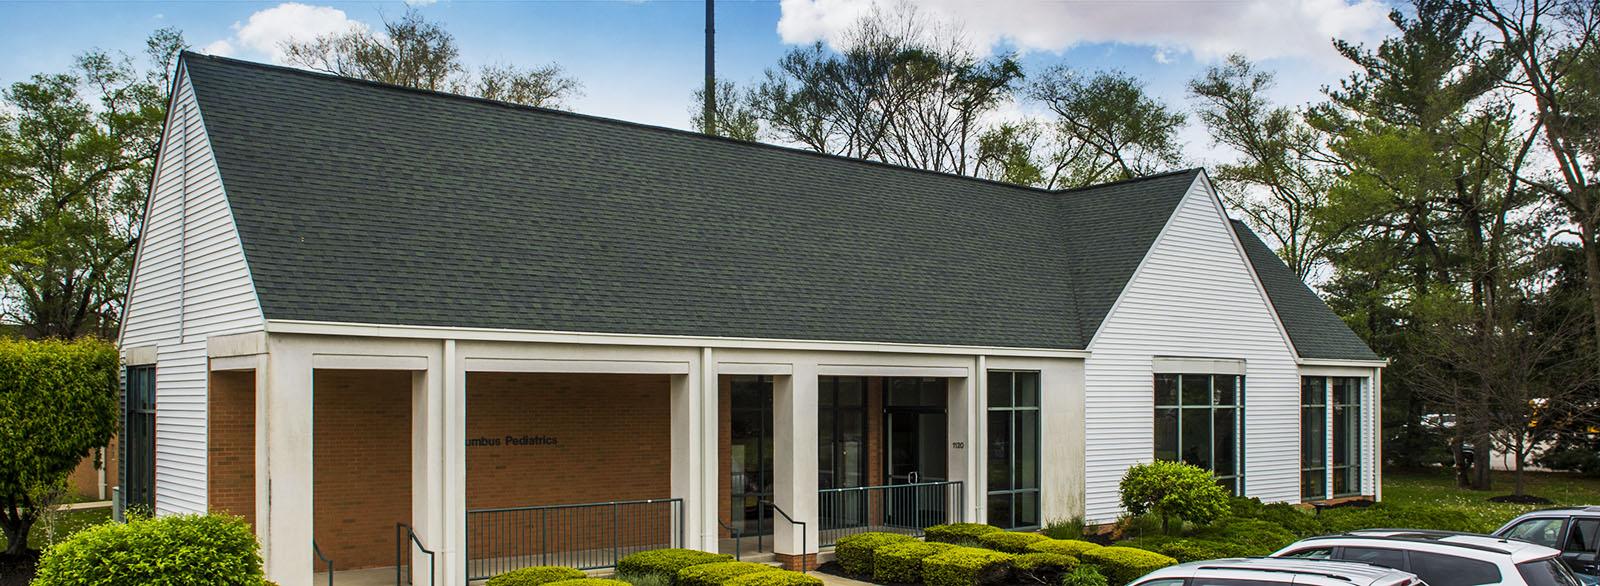 Columbus Pediatrics building exterior